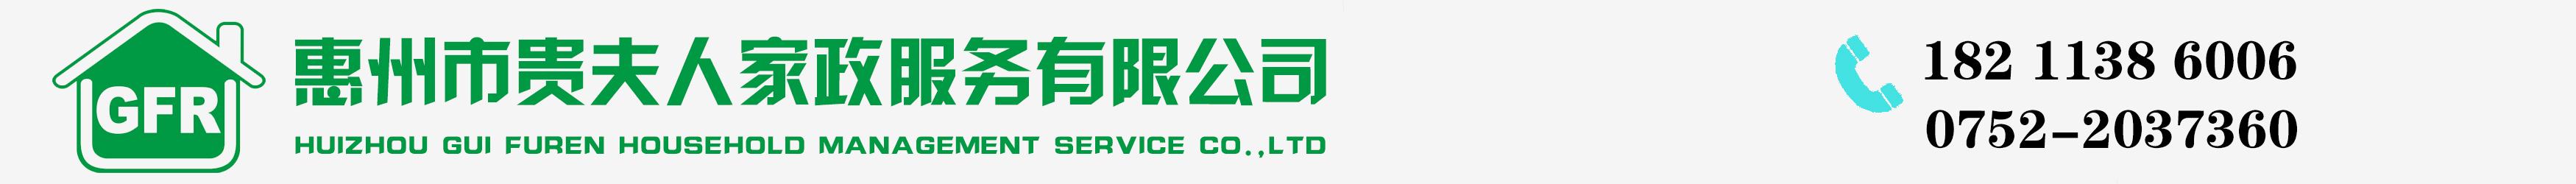 惠州市贵夫人家政服务有限公司